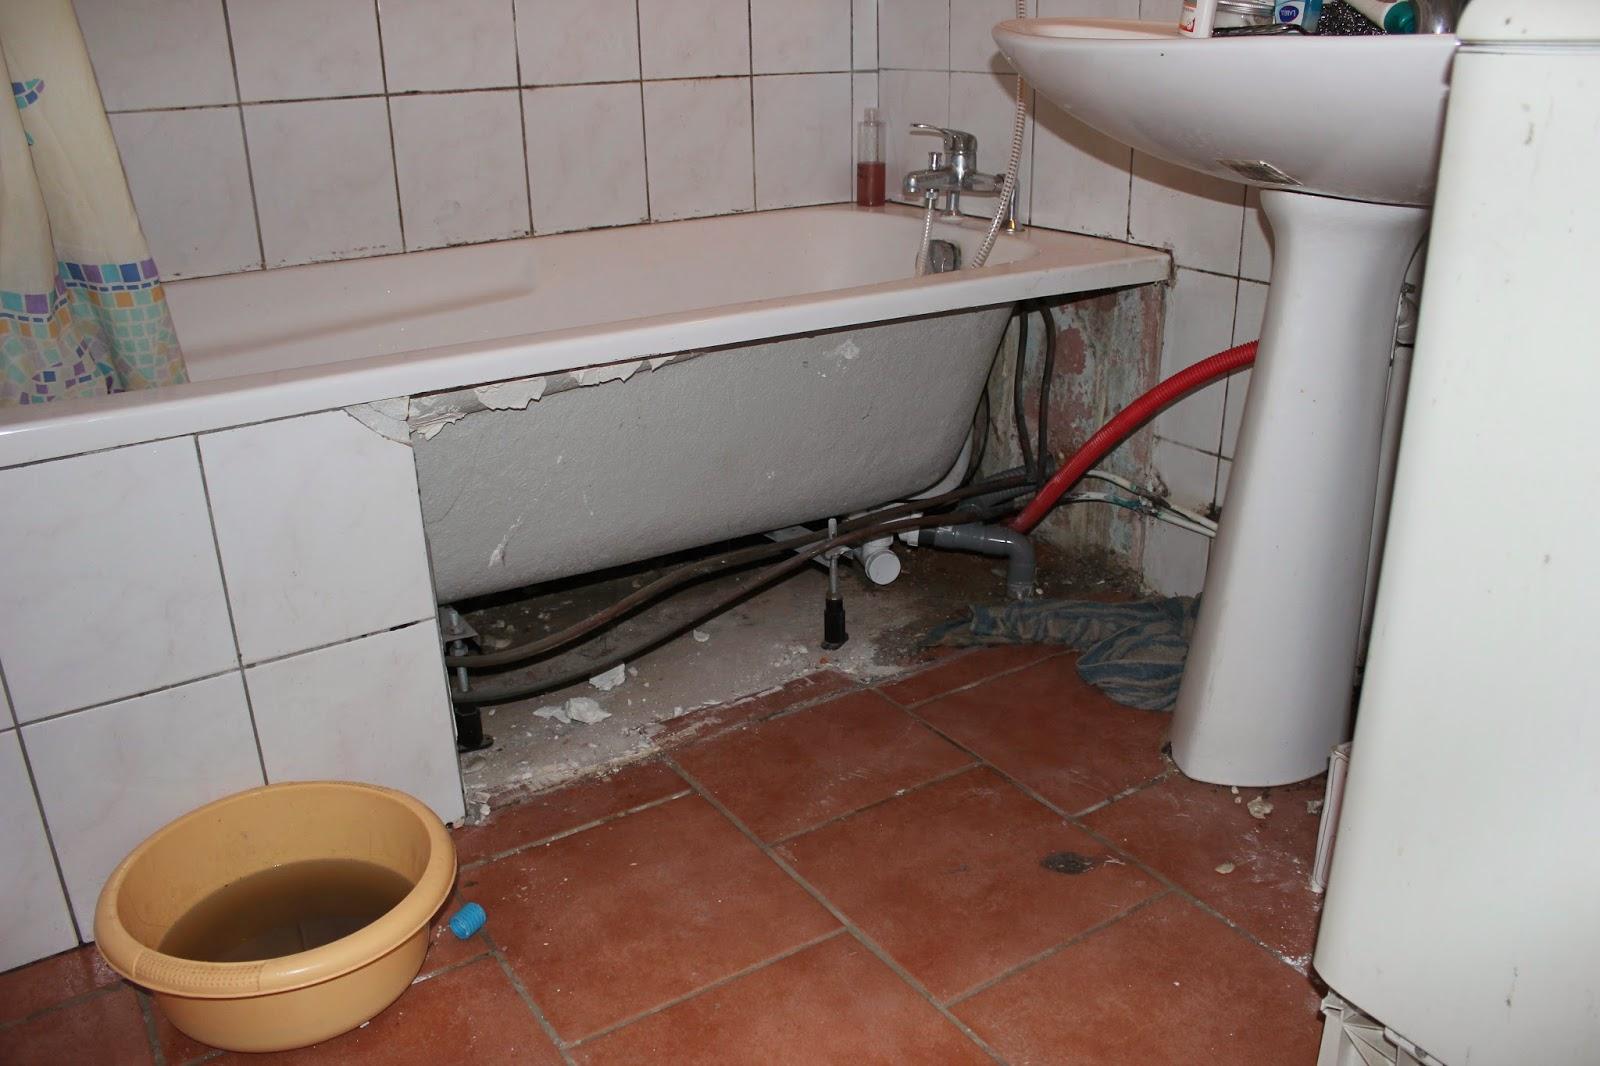 Tuyau salle de bain 28 images notre maison cuisine for Chauffage salle de bain castorama